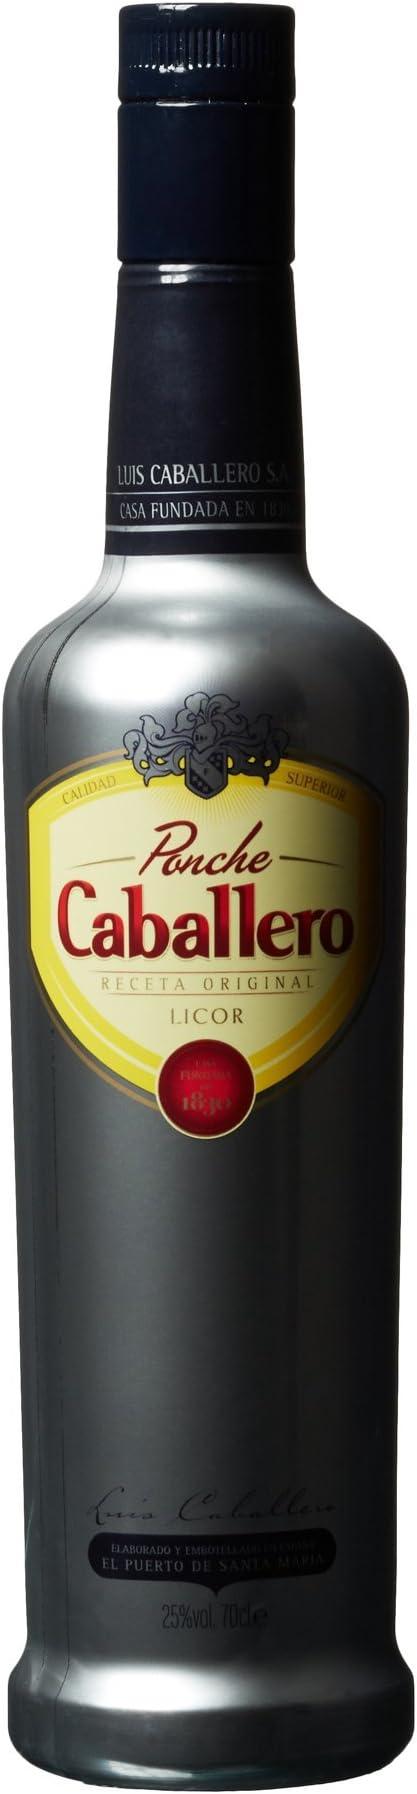 Caballero Ponche - 700 ml: Amazon.es: Alimentación y bebidas